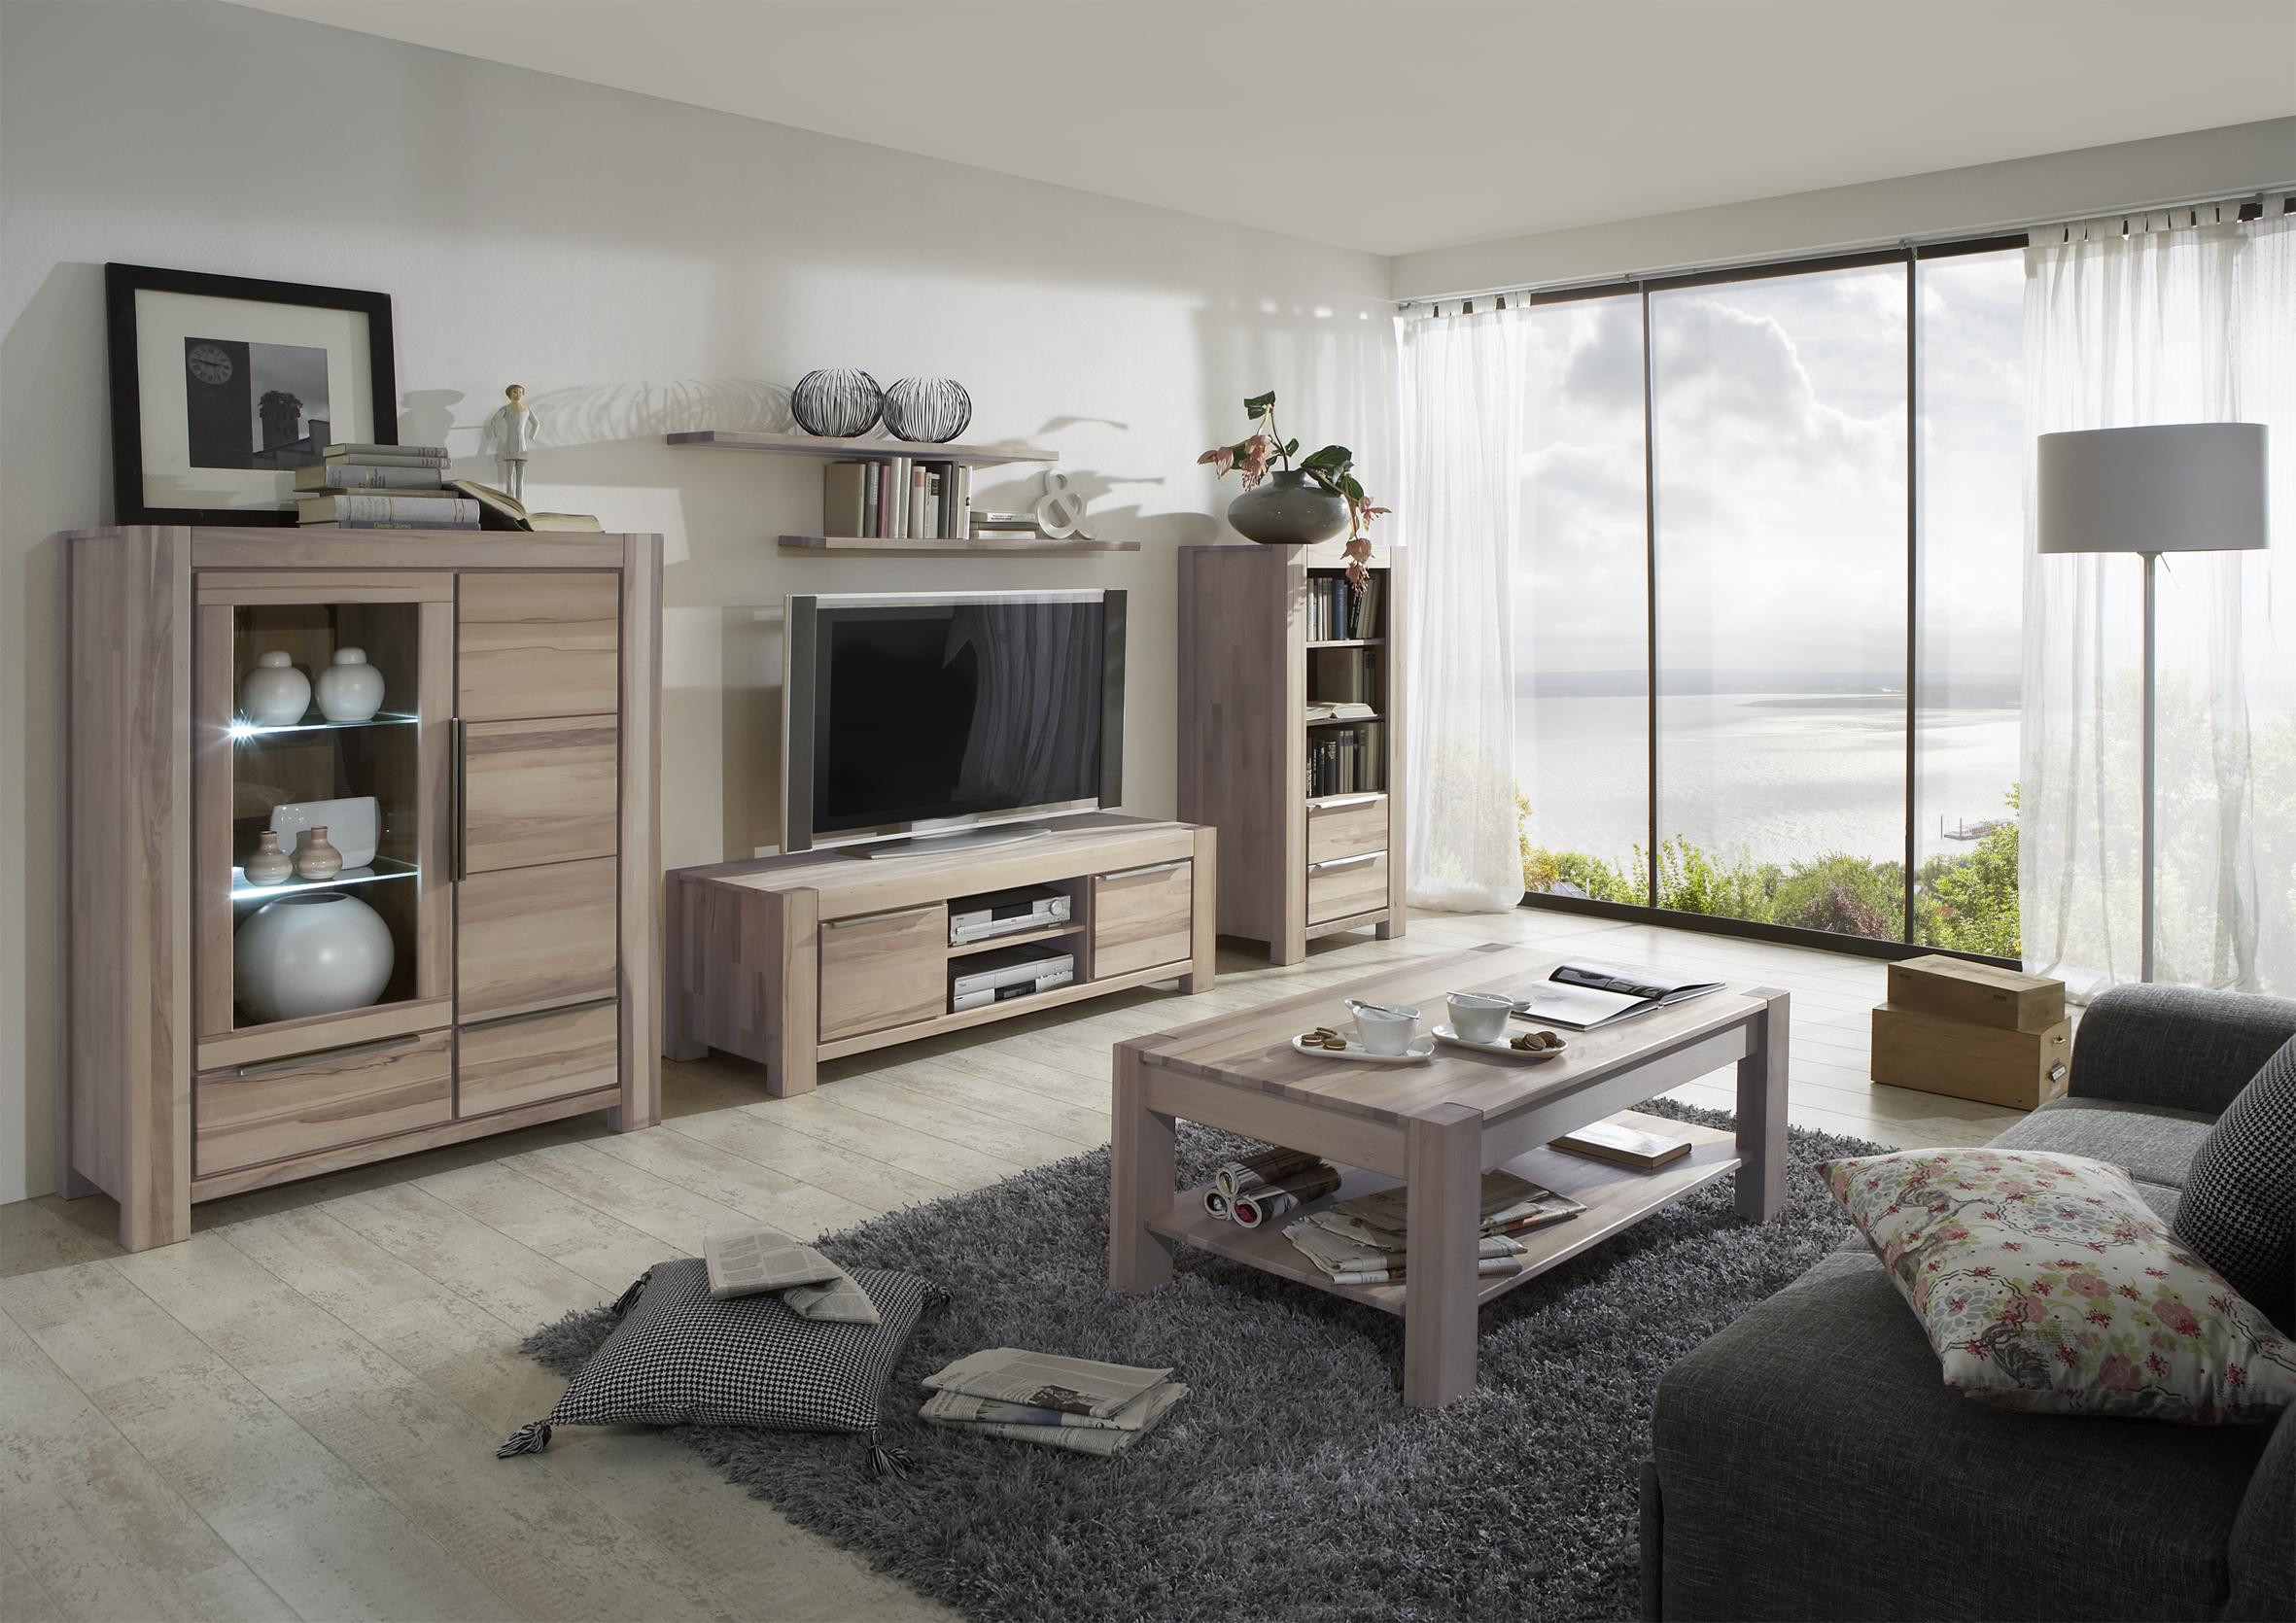 serie nepal wildeiche wildeiche massivholzm bel eiche massivmoebelversand24. Black Bedroom Furniture Sets. Home Design Ideas